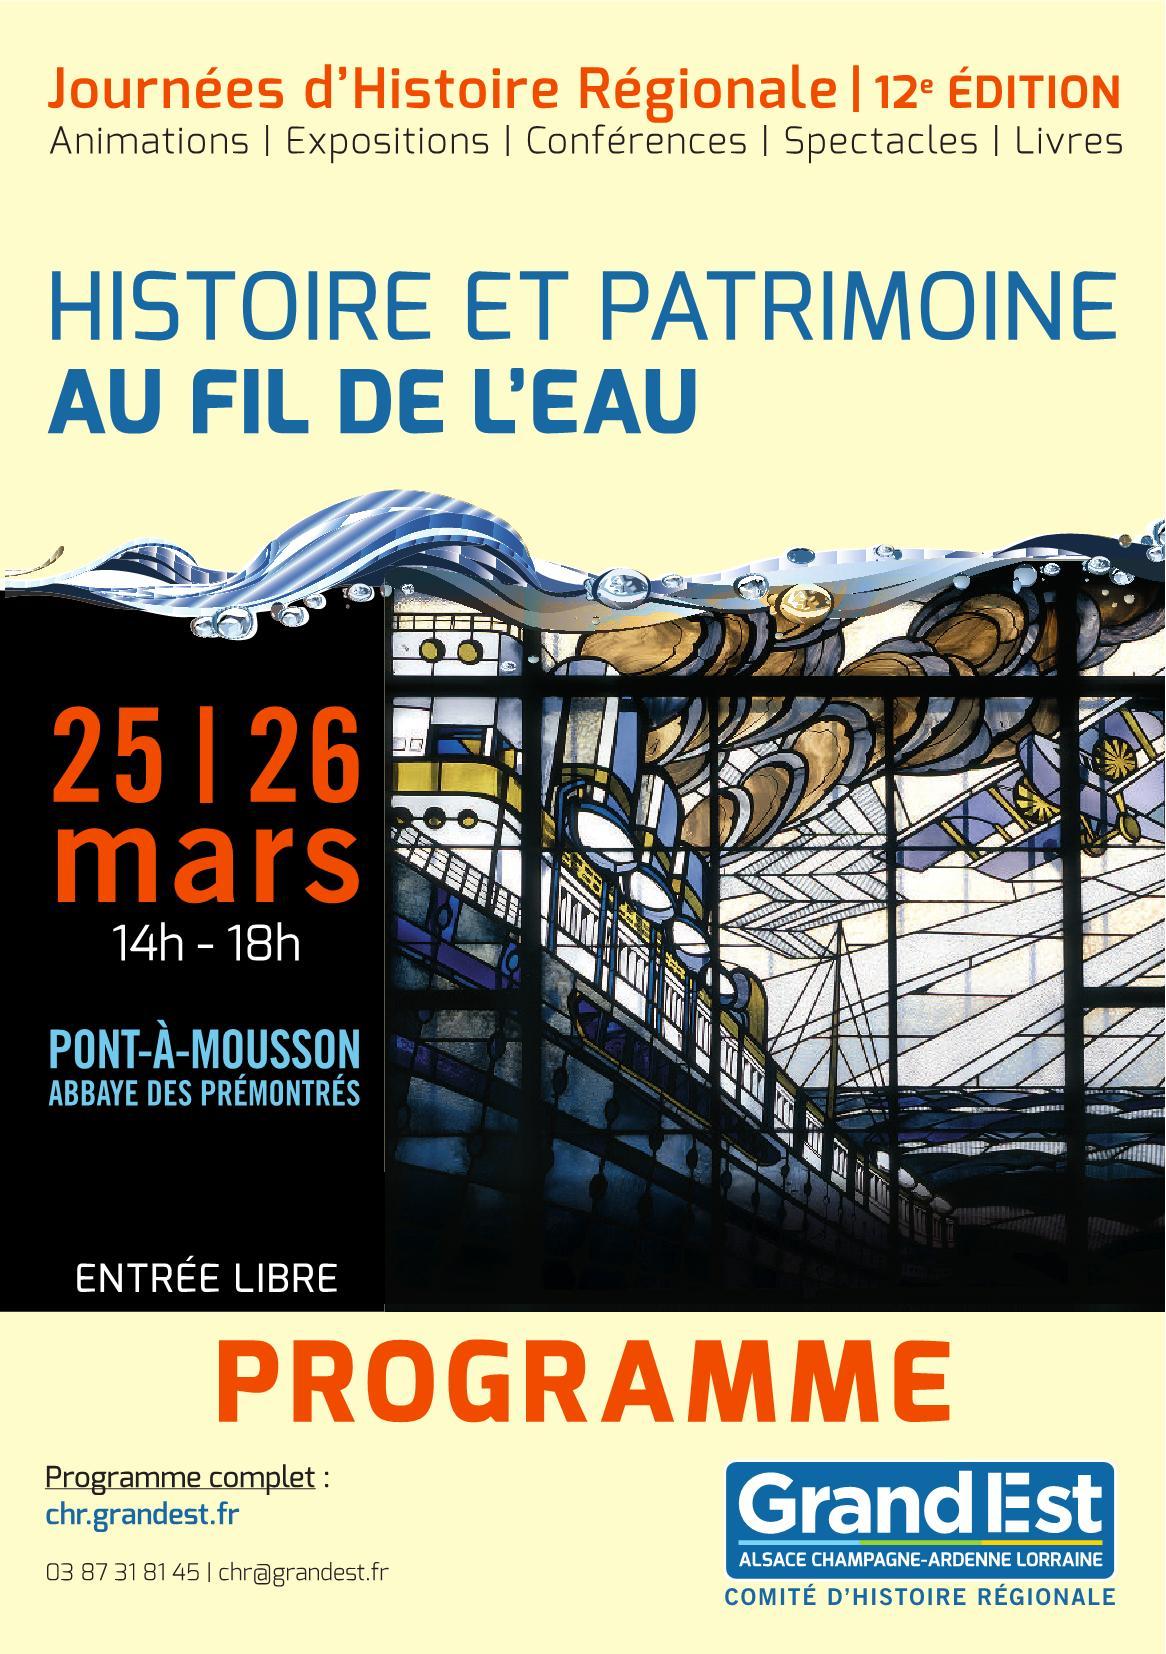 Programme Journées d'Histoire Régionale 2017